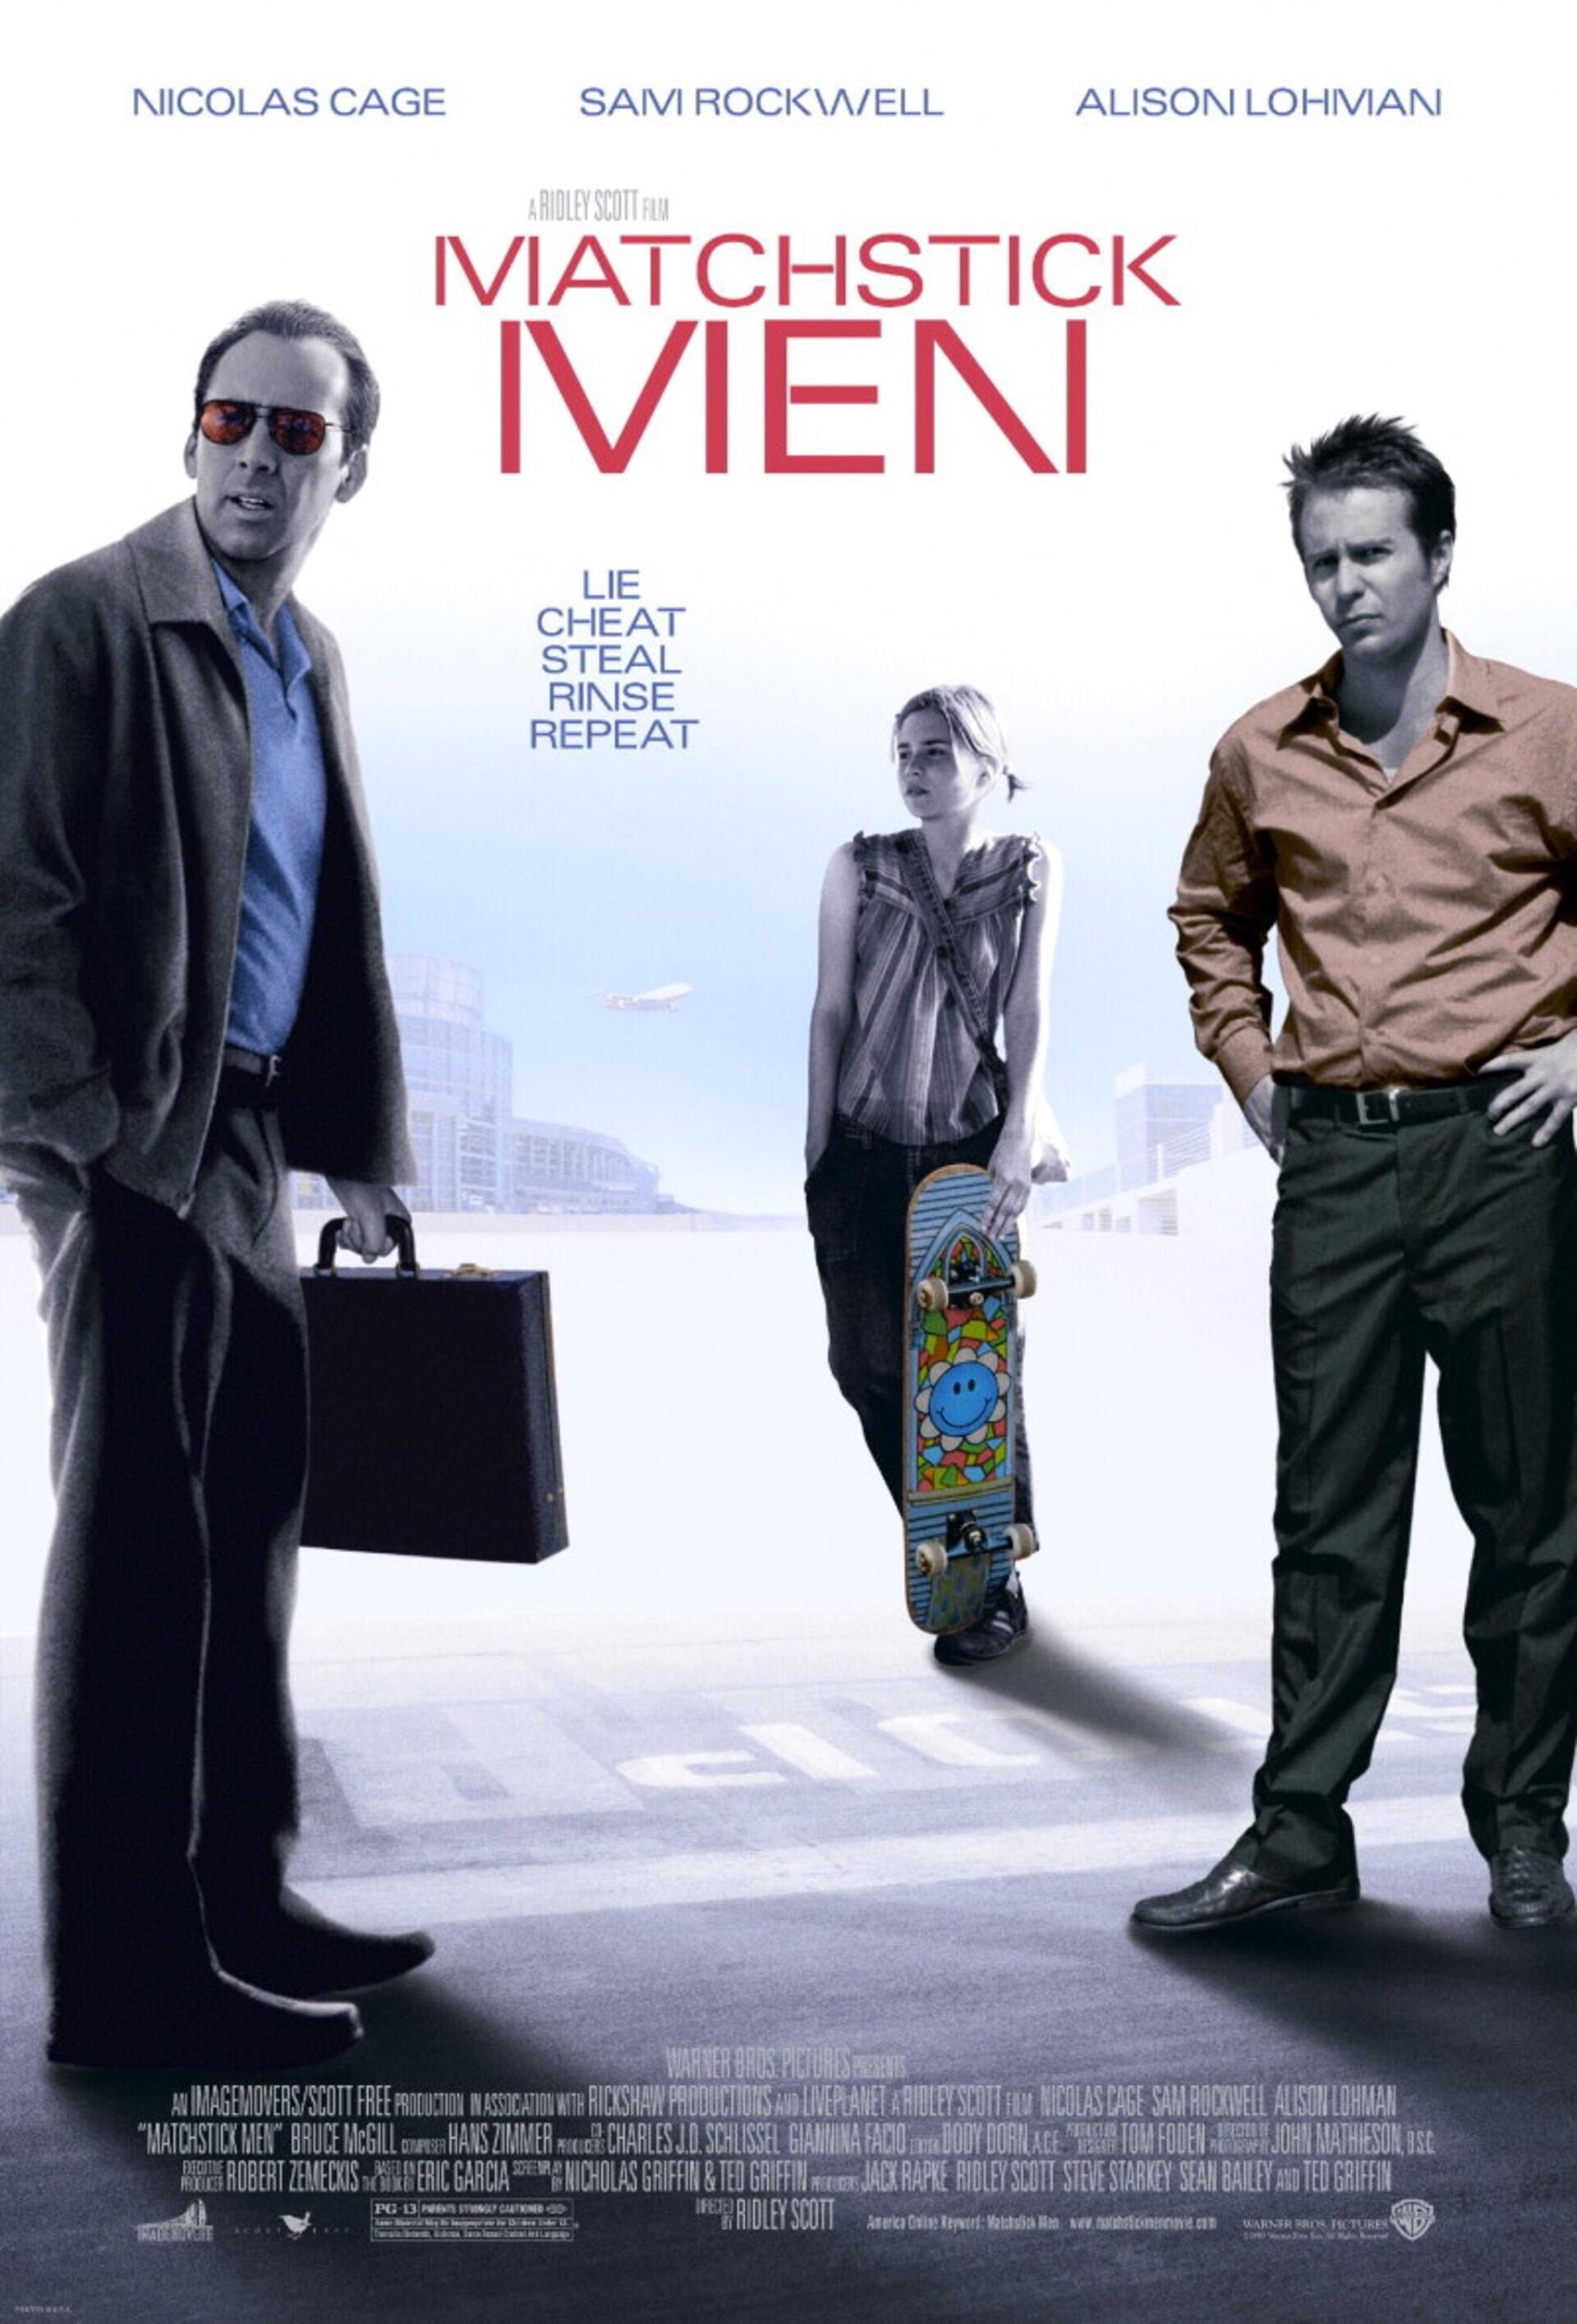 Matchstick Men - Poster 1